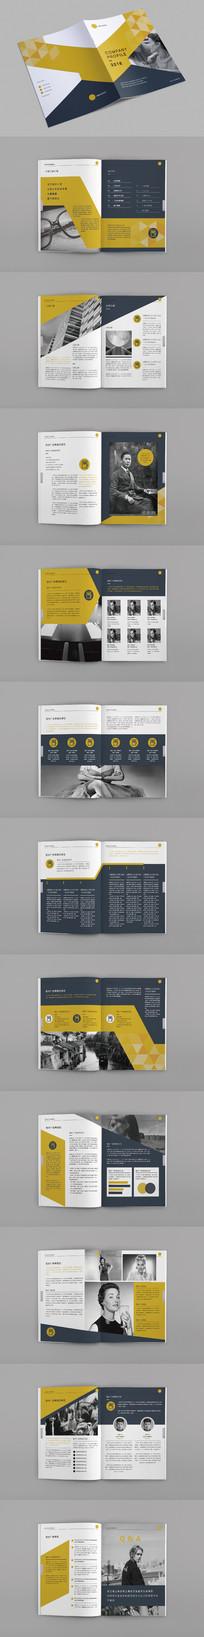 商务宣传册设计